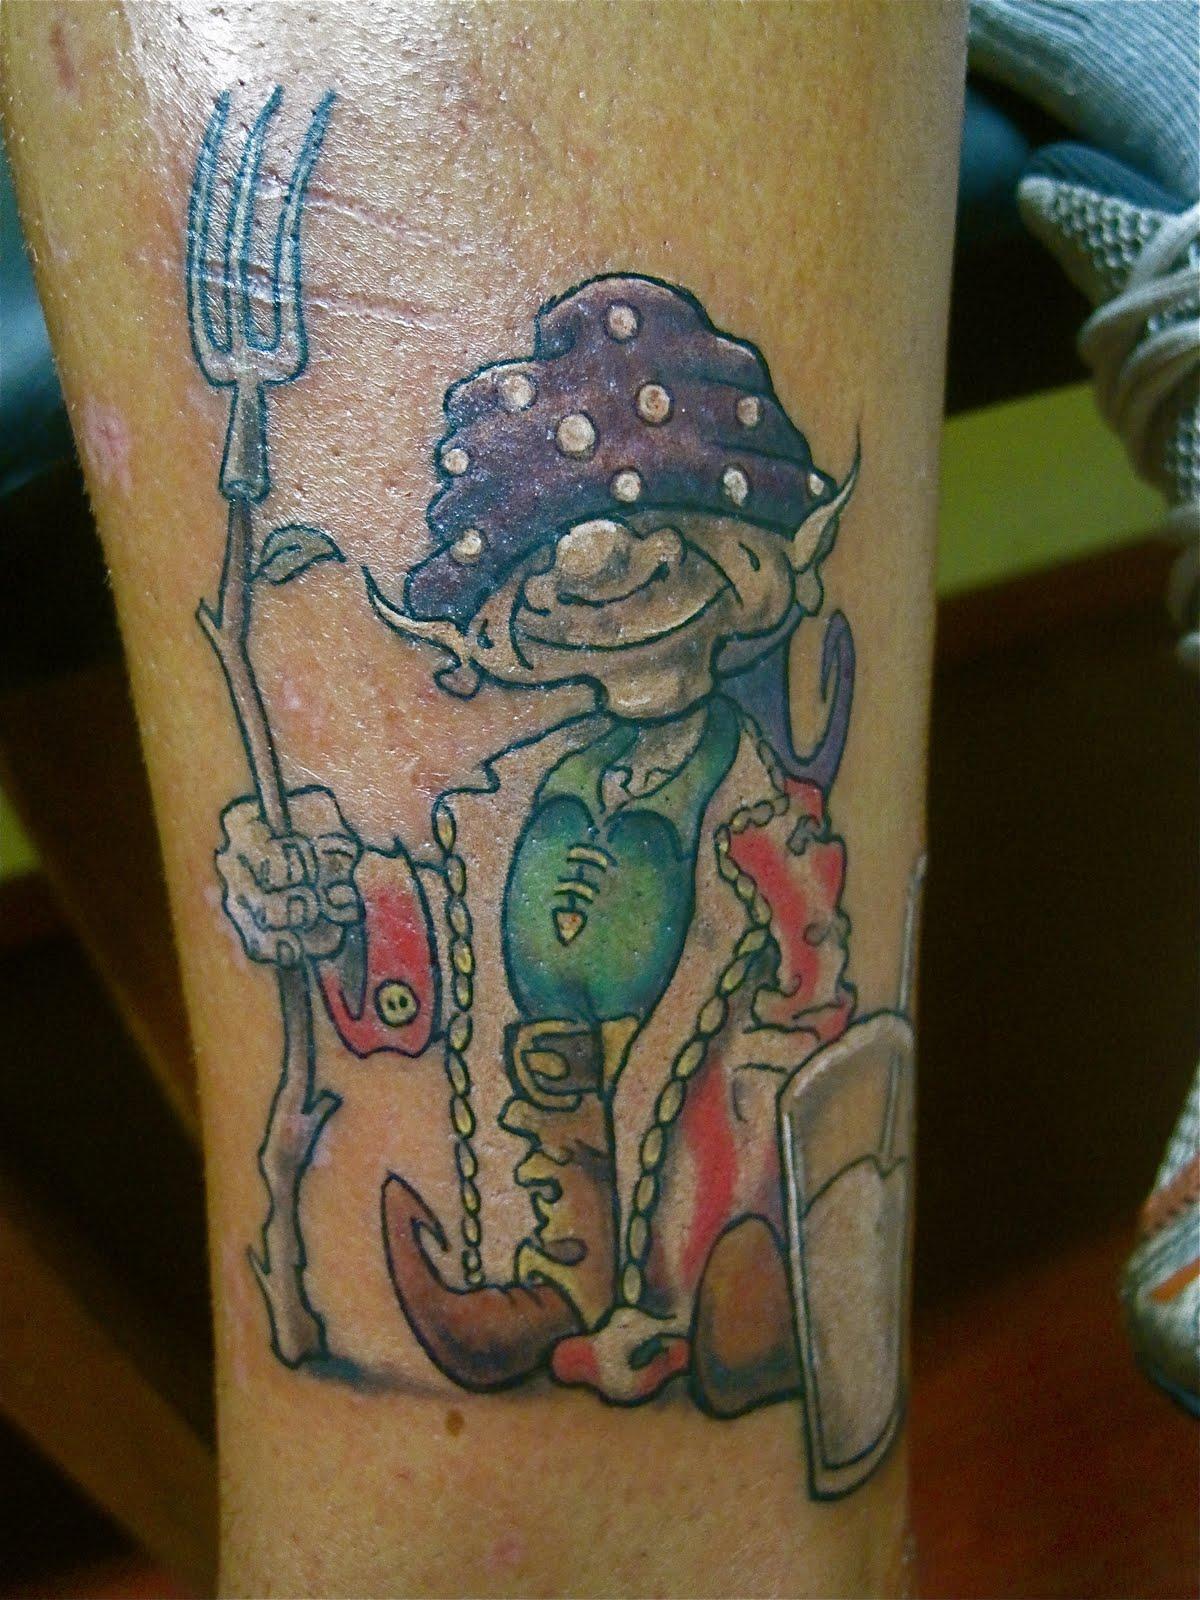 http://1.bp.blogspot.com/_i2nJbigy2_w/TR0VEMuJTEI/AAAAAAAABtI/pqlvoc42o3k/s1600/IMG_2661.JPG